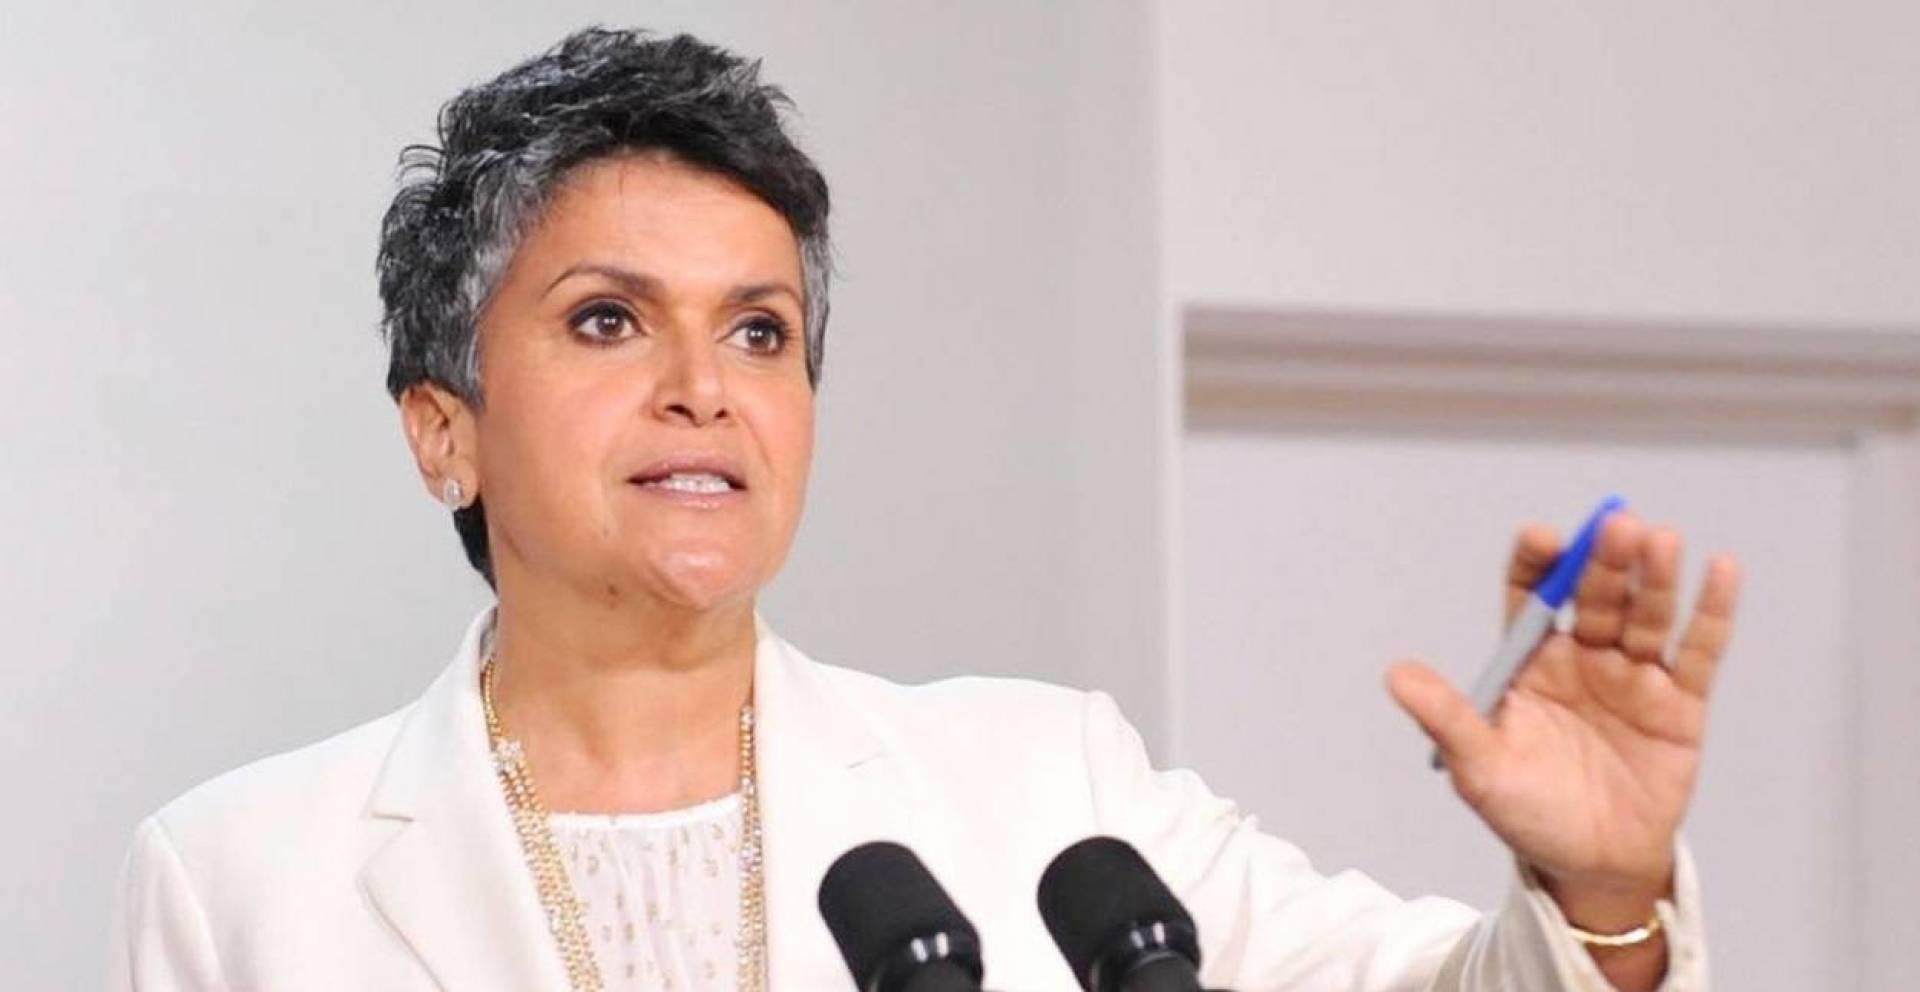 صفاء الهاشم: أتشرف بالتوقيع على قانون الغانم لـ«البدون»